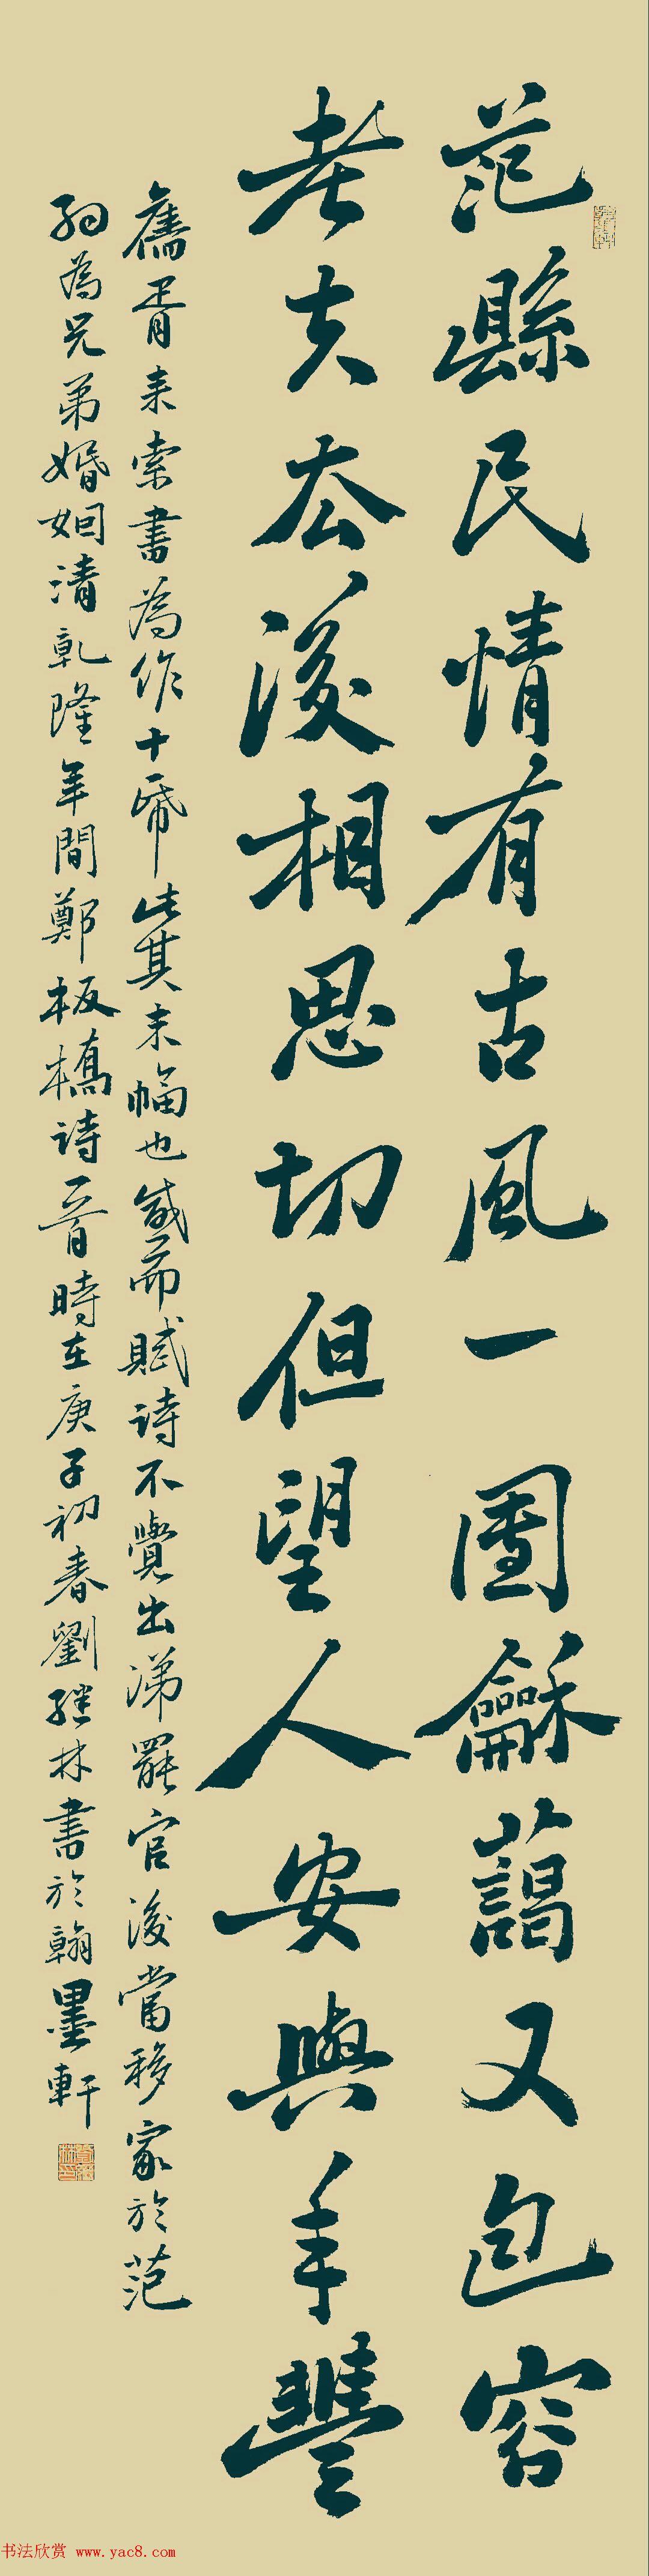 来稿选刊:刘继林书法《郑板桥诗》